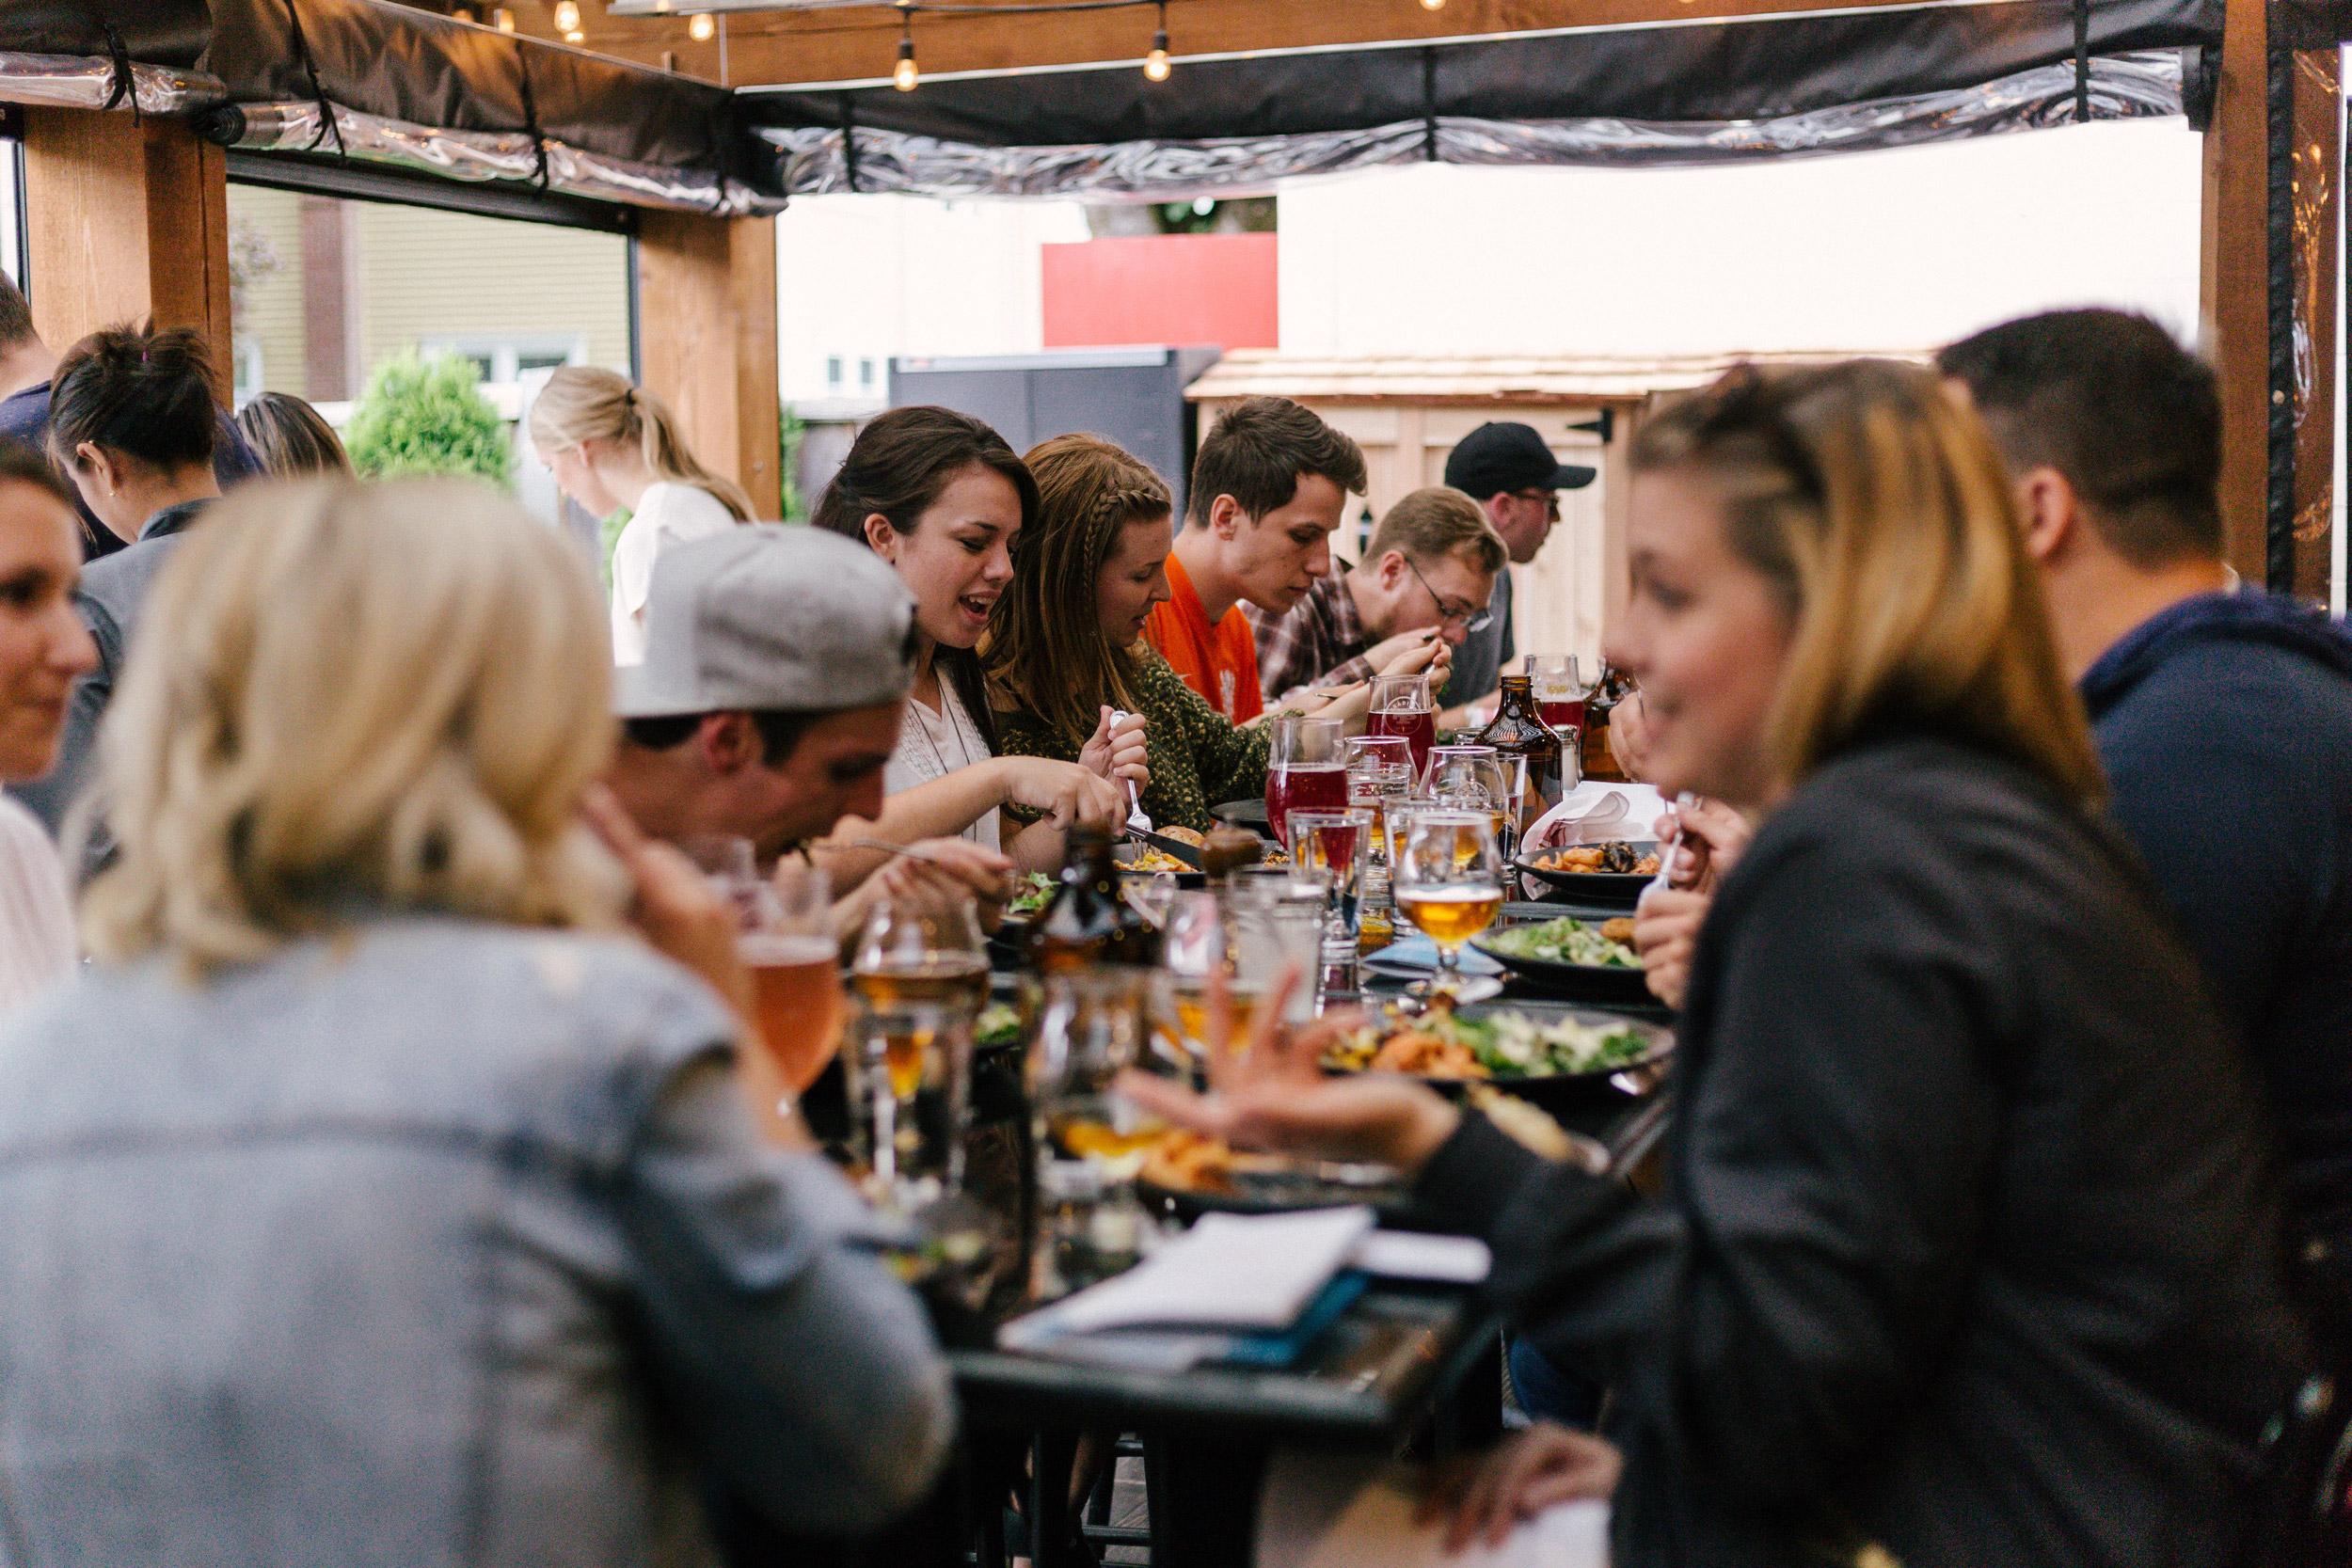 Einige Personen an einem Tisch